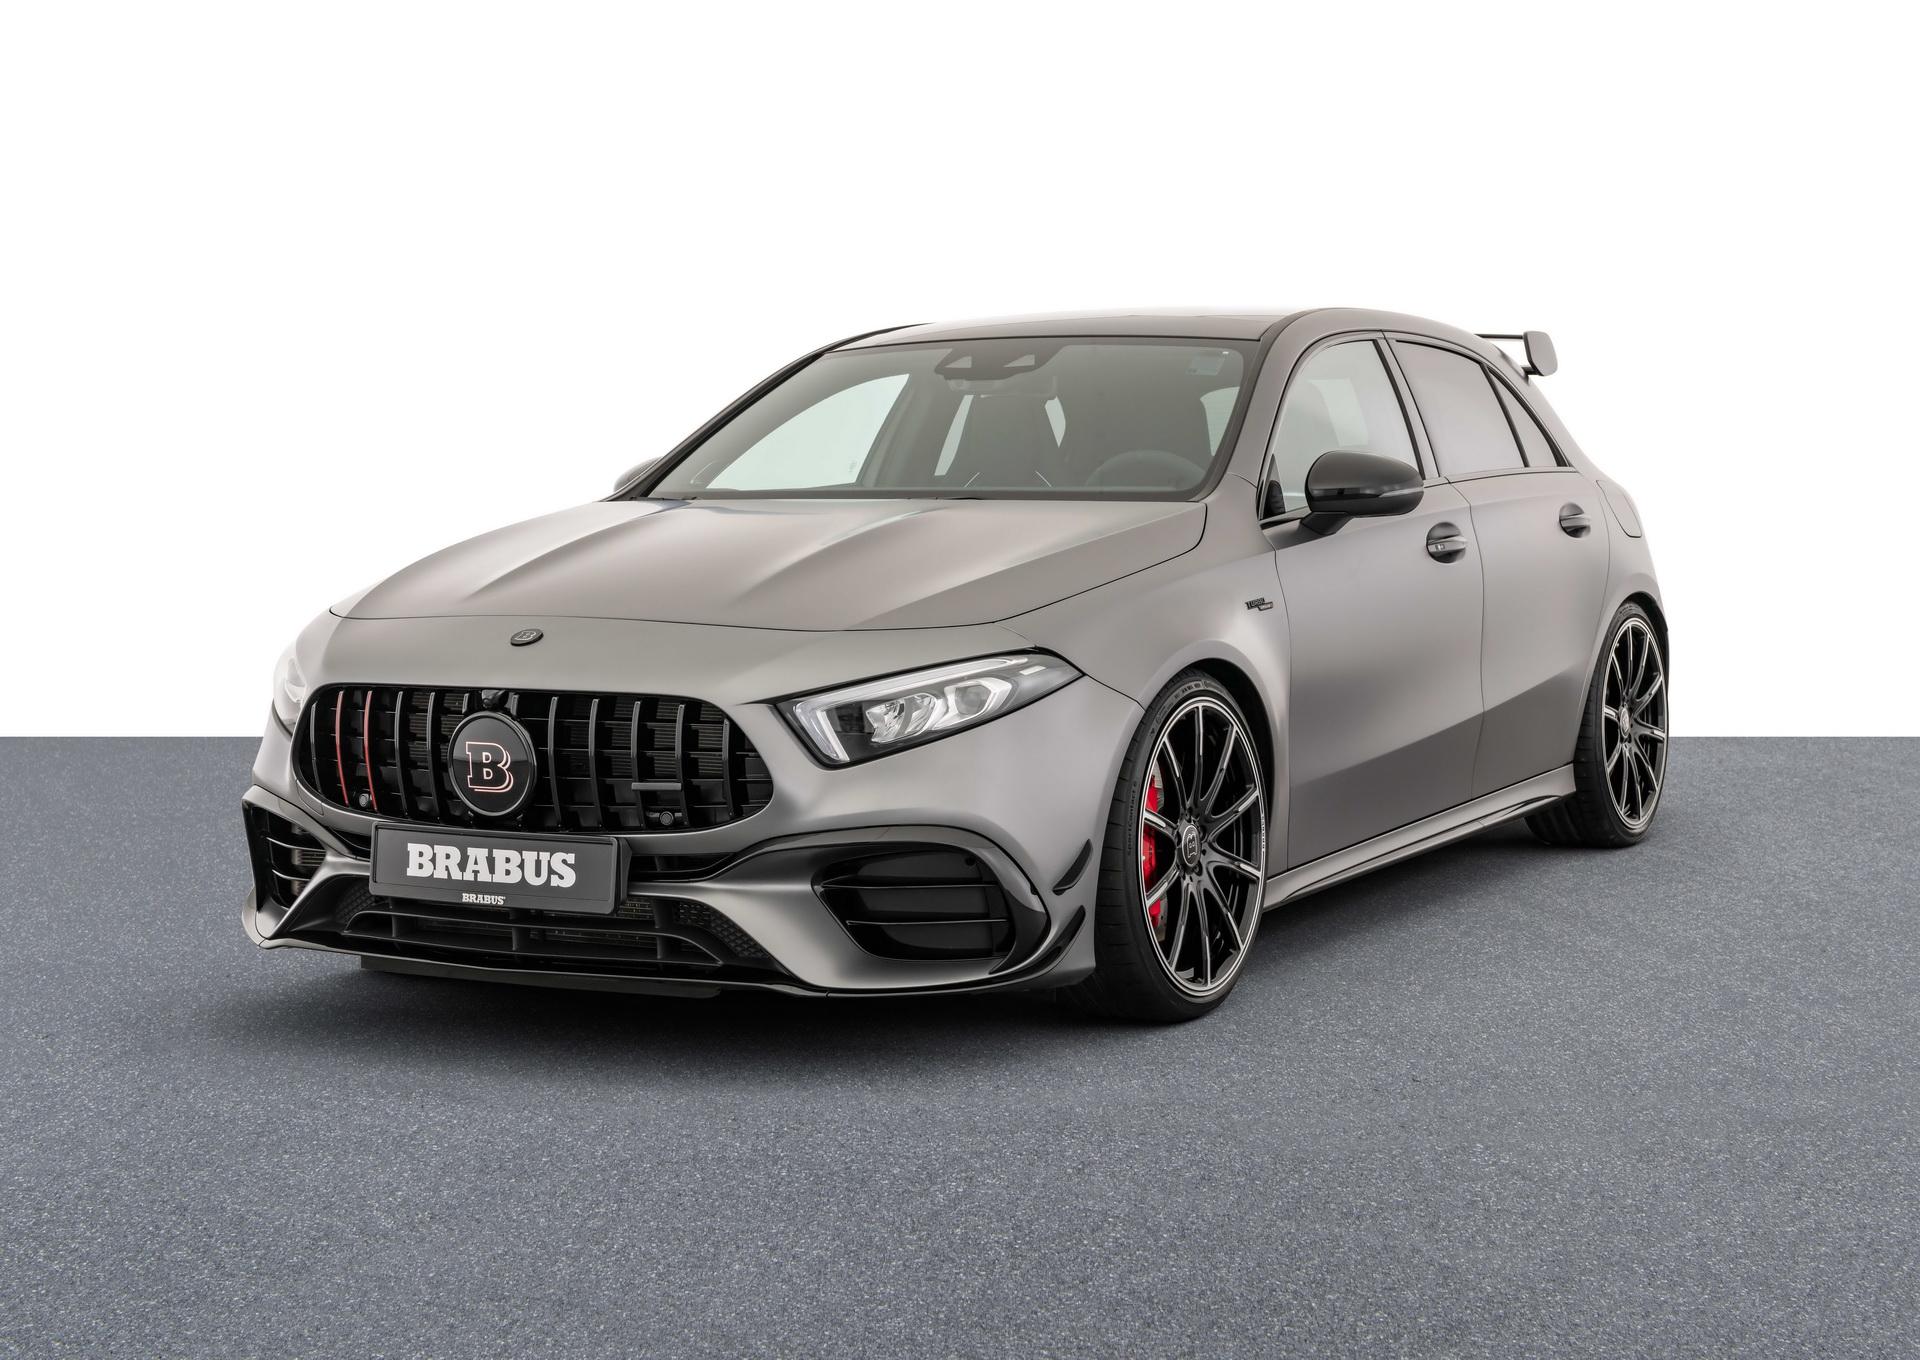 В начале года ателье Brabus анонсировало пакет опций для Mercedes-AMG A45 S нового поколения, но расценки обнародовали лишь сейчас.